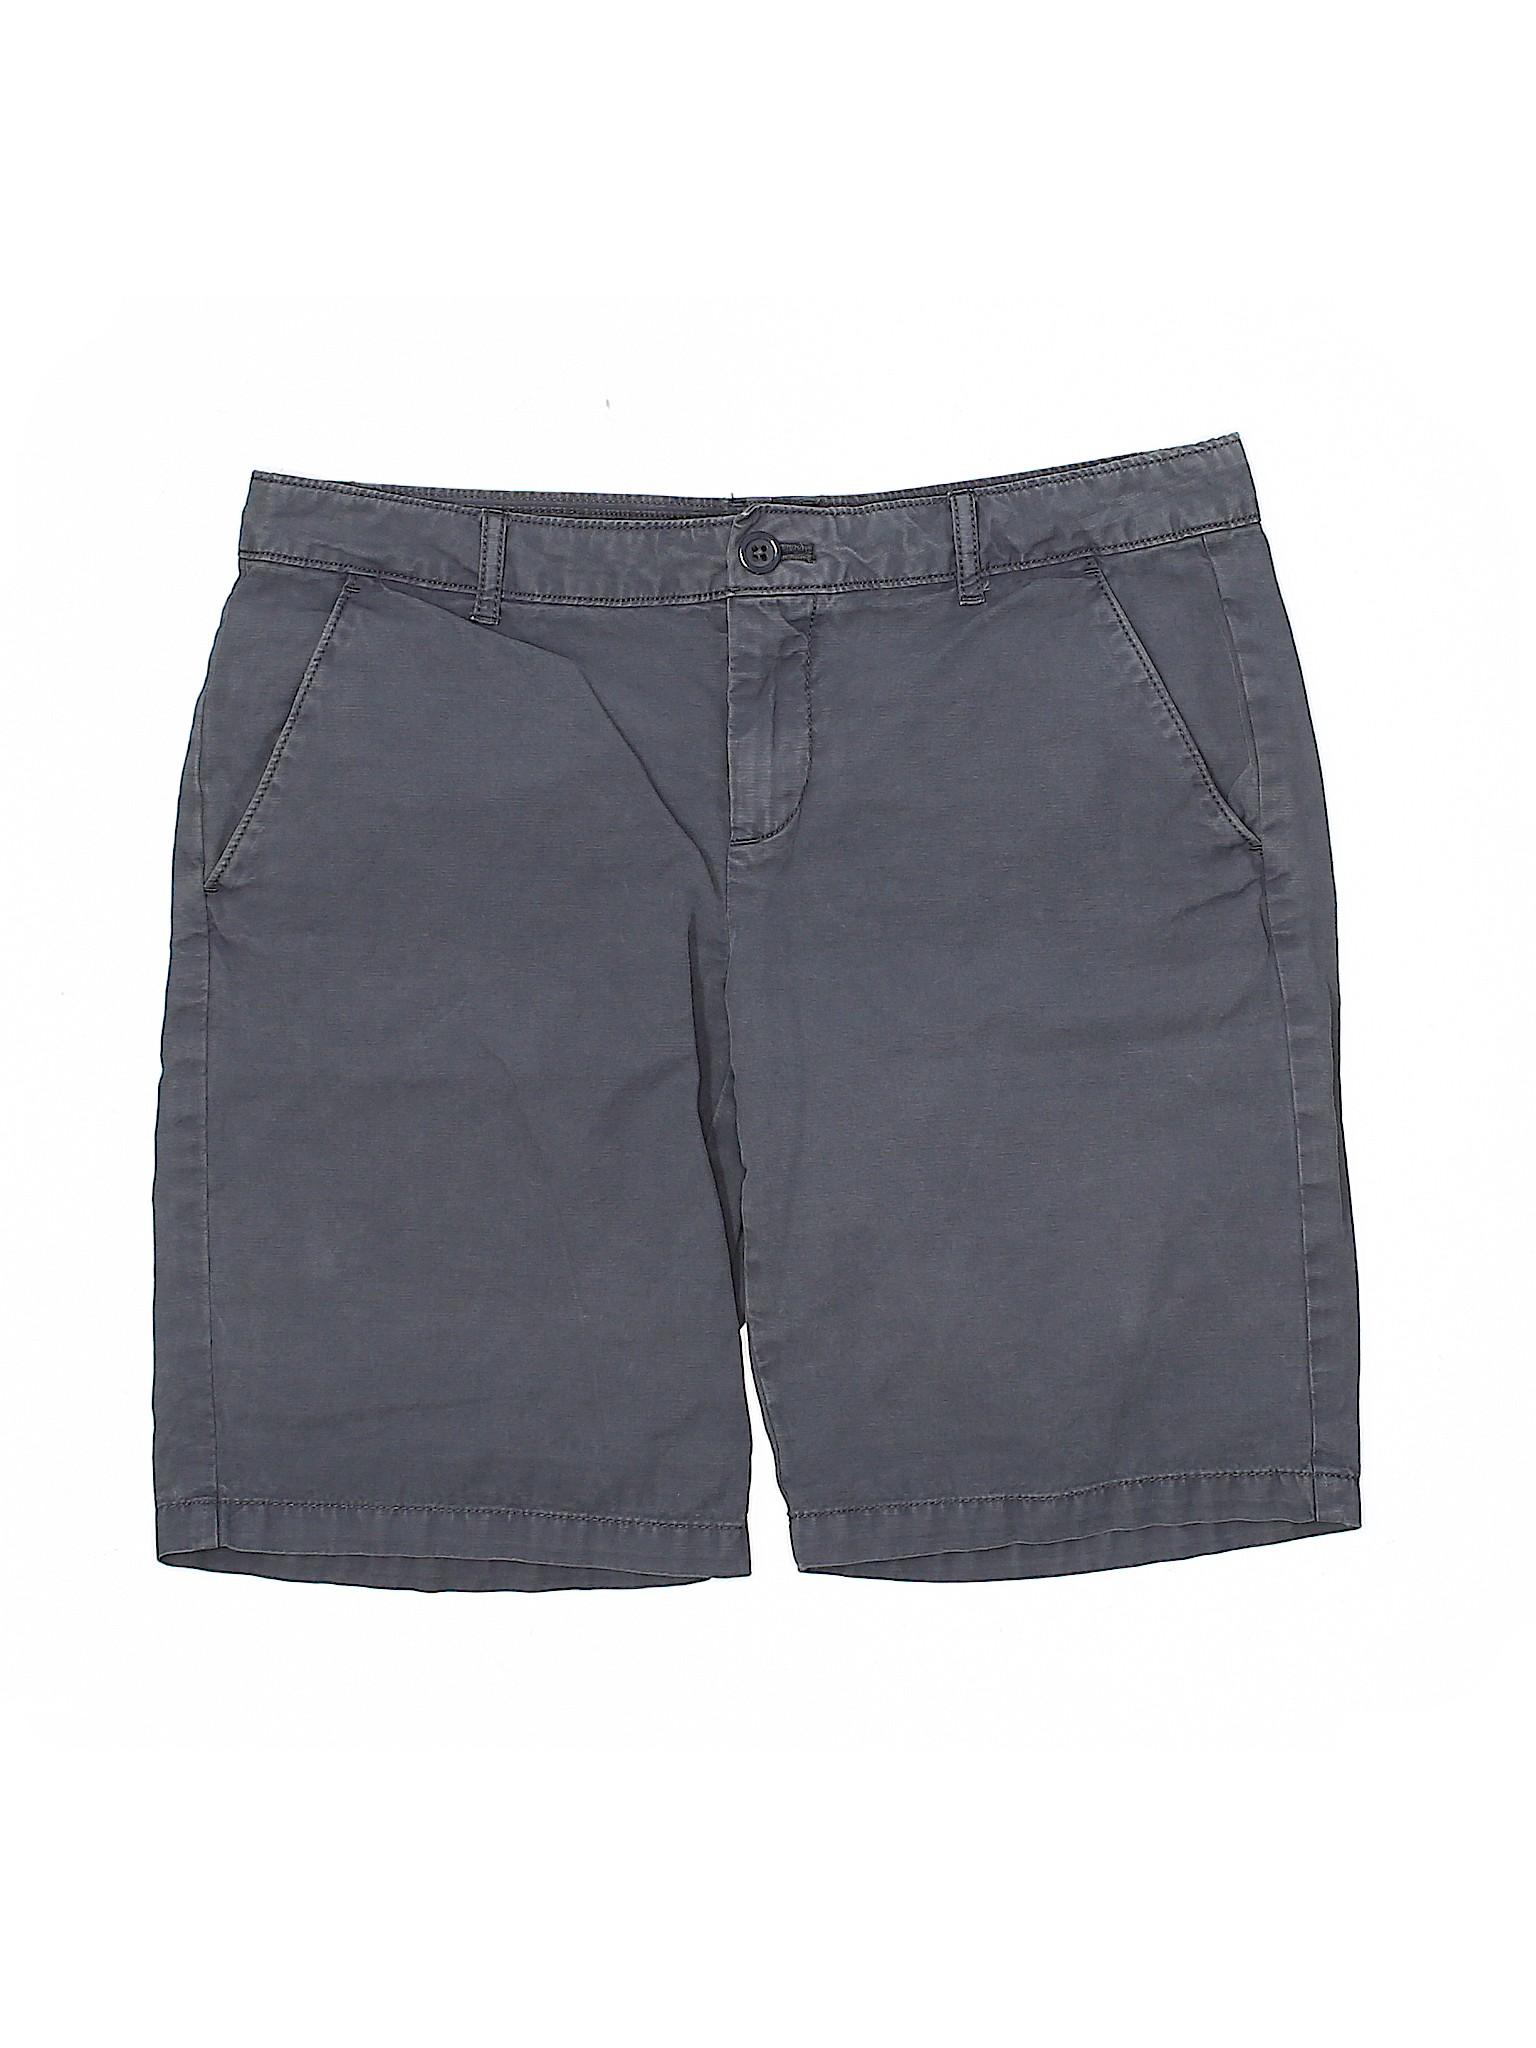 Boutique Gap Boutique Khaki Shorts Shorts Khaki Shorts Boutique Gap Khaki Gap 0PPA4wqO